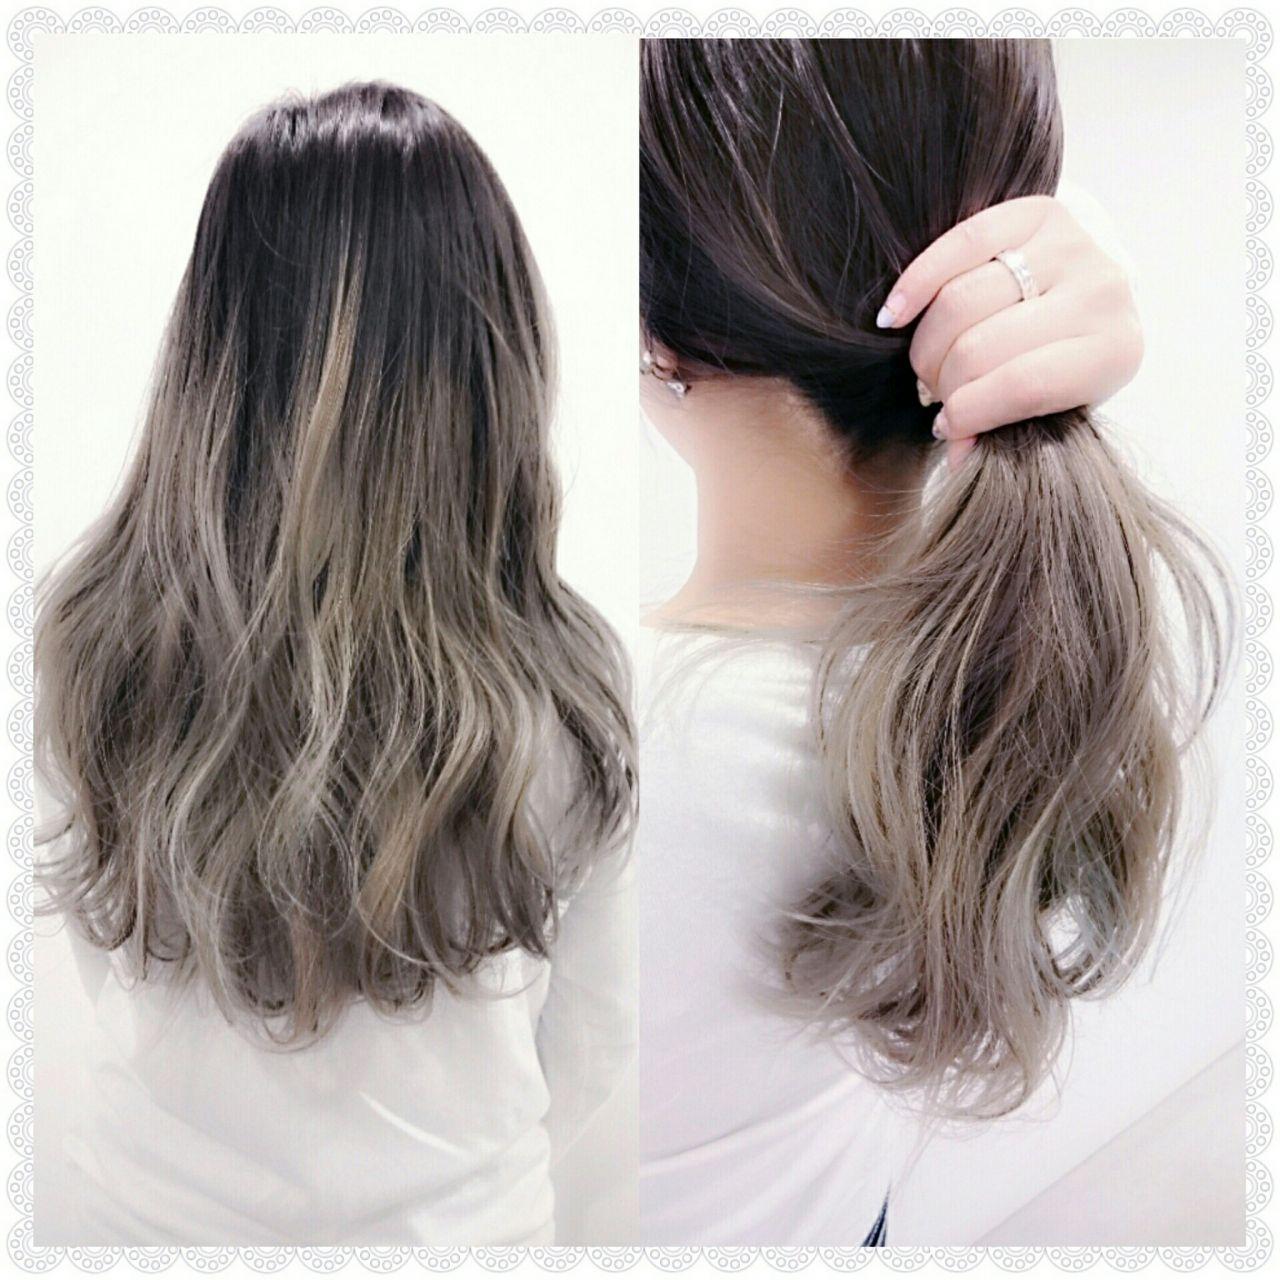 大注目の暗髪×グラデーションまとめ♡ポイントは毛先とハイライト 白川 知博 KEYMAN